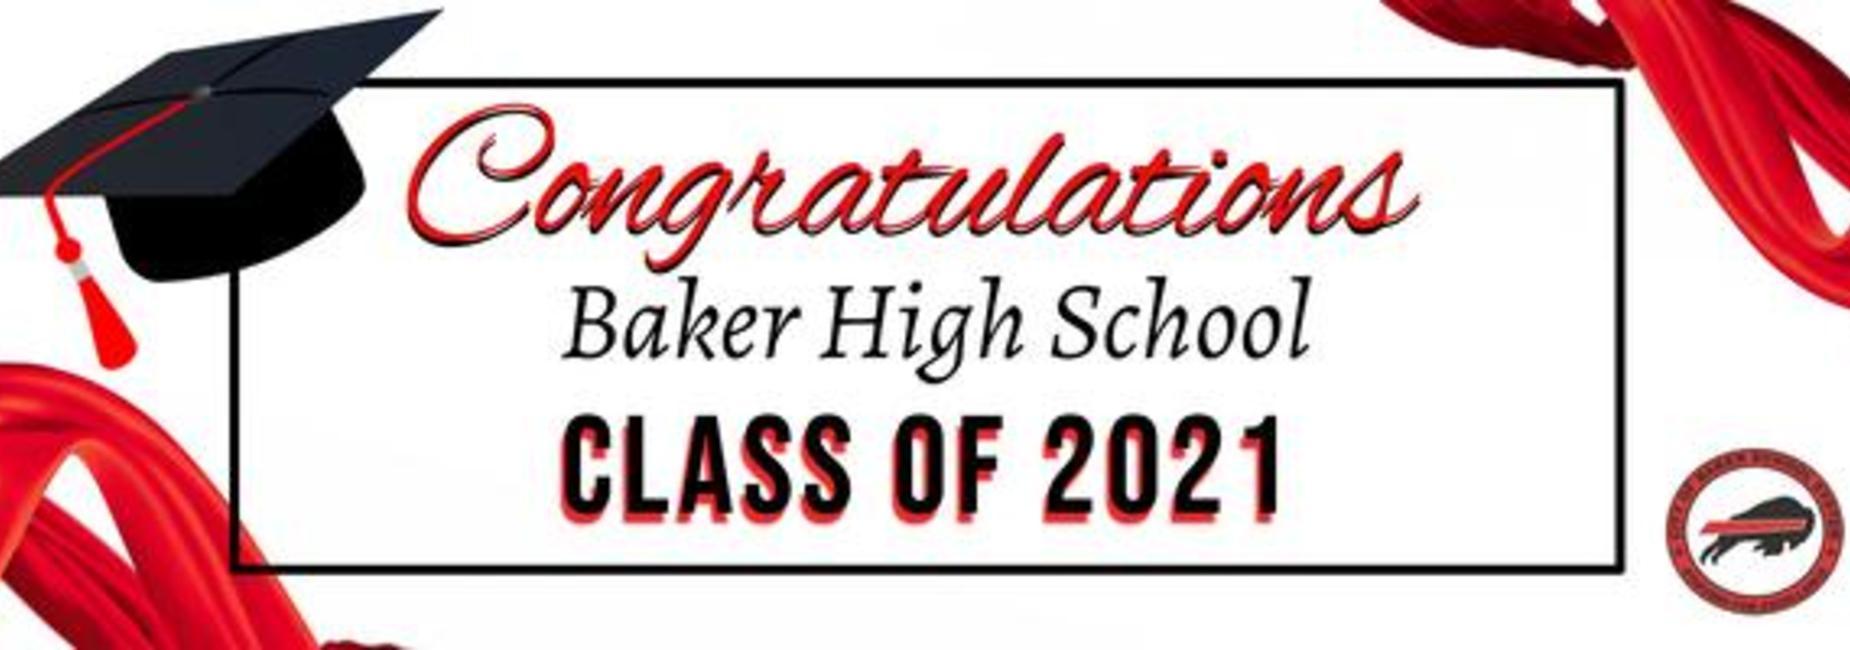 Baker High Graduation Banner